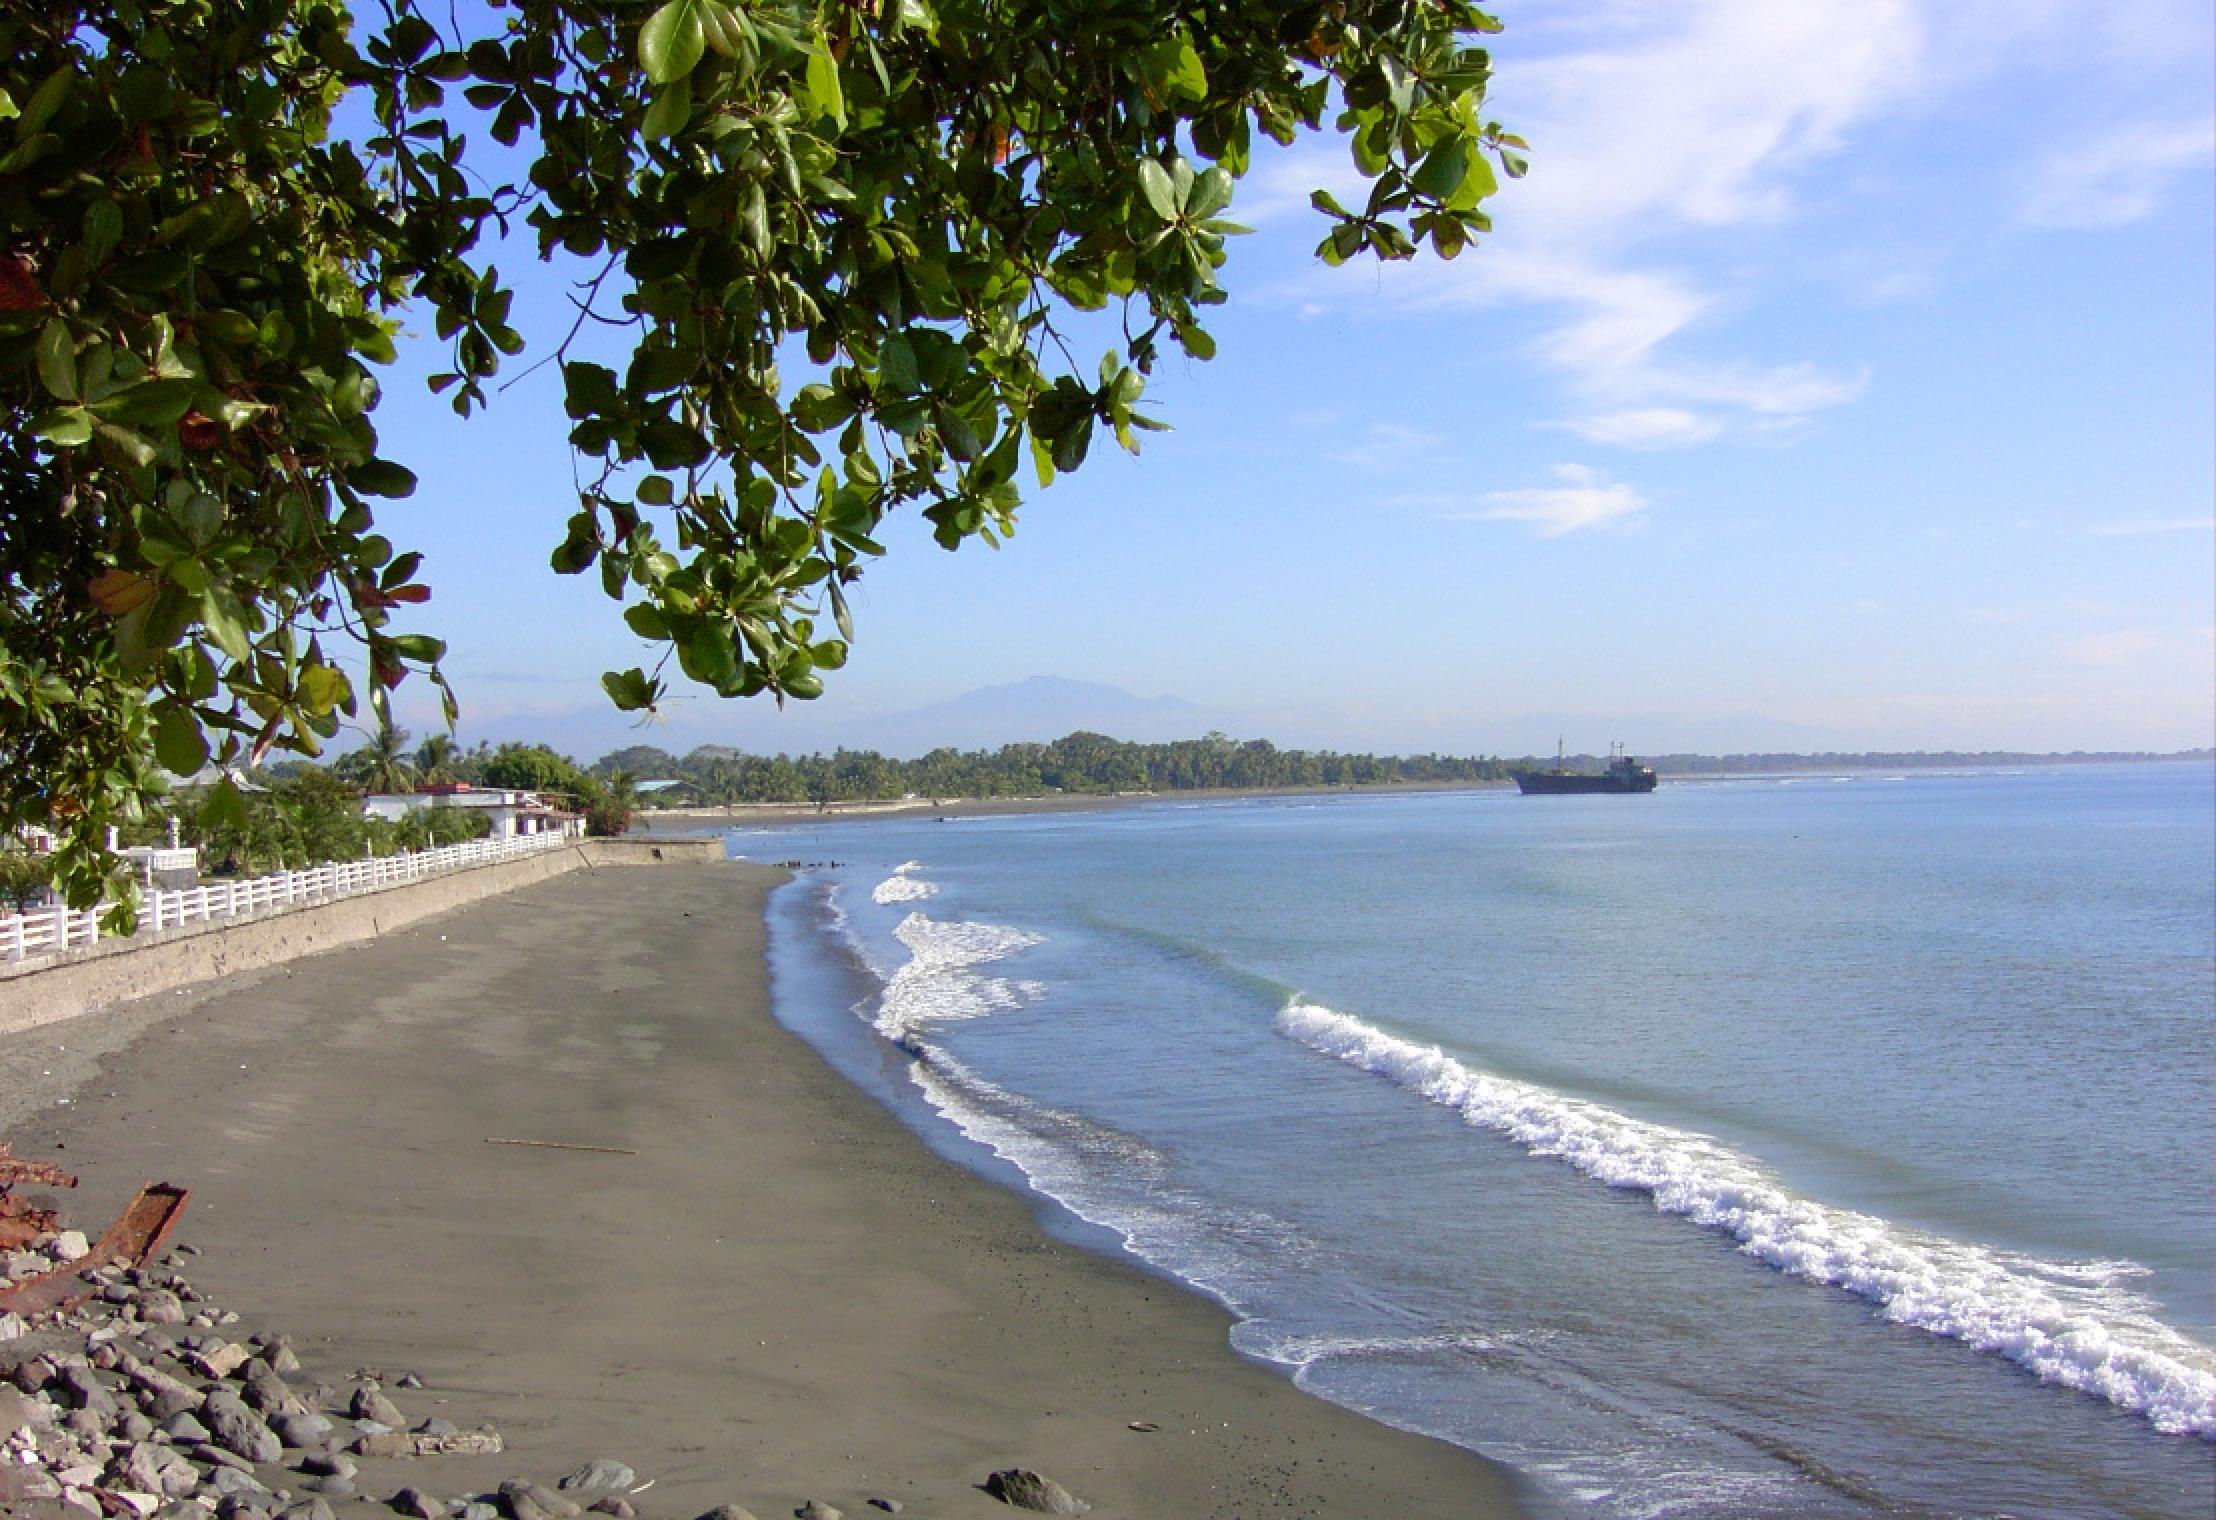 Puerto Armuelles